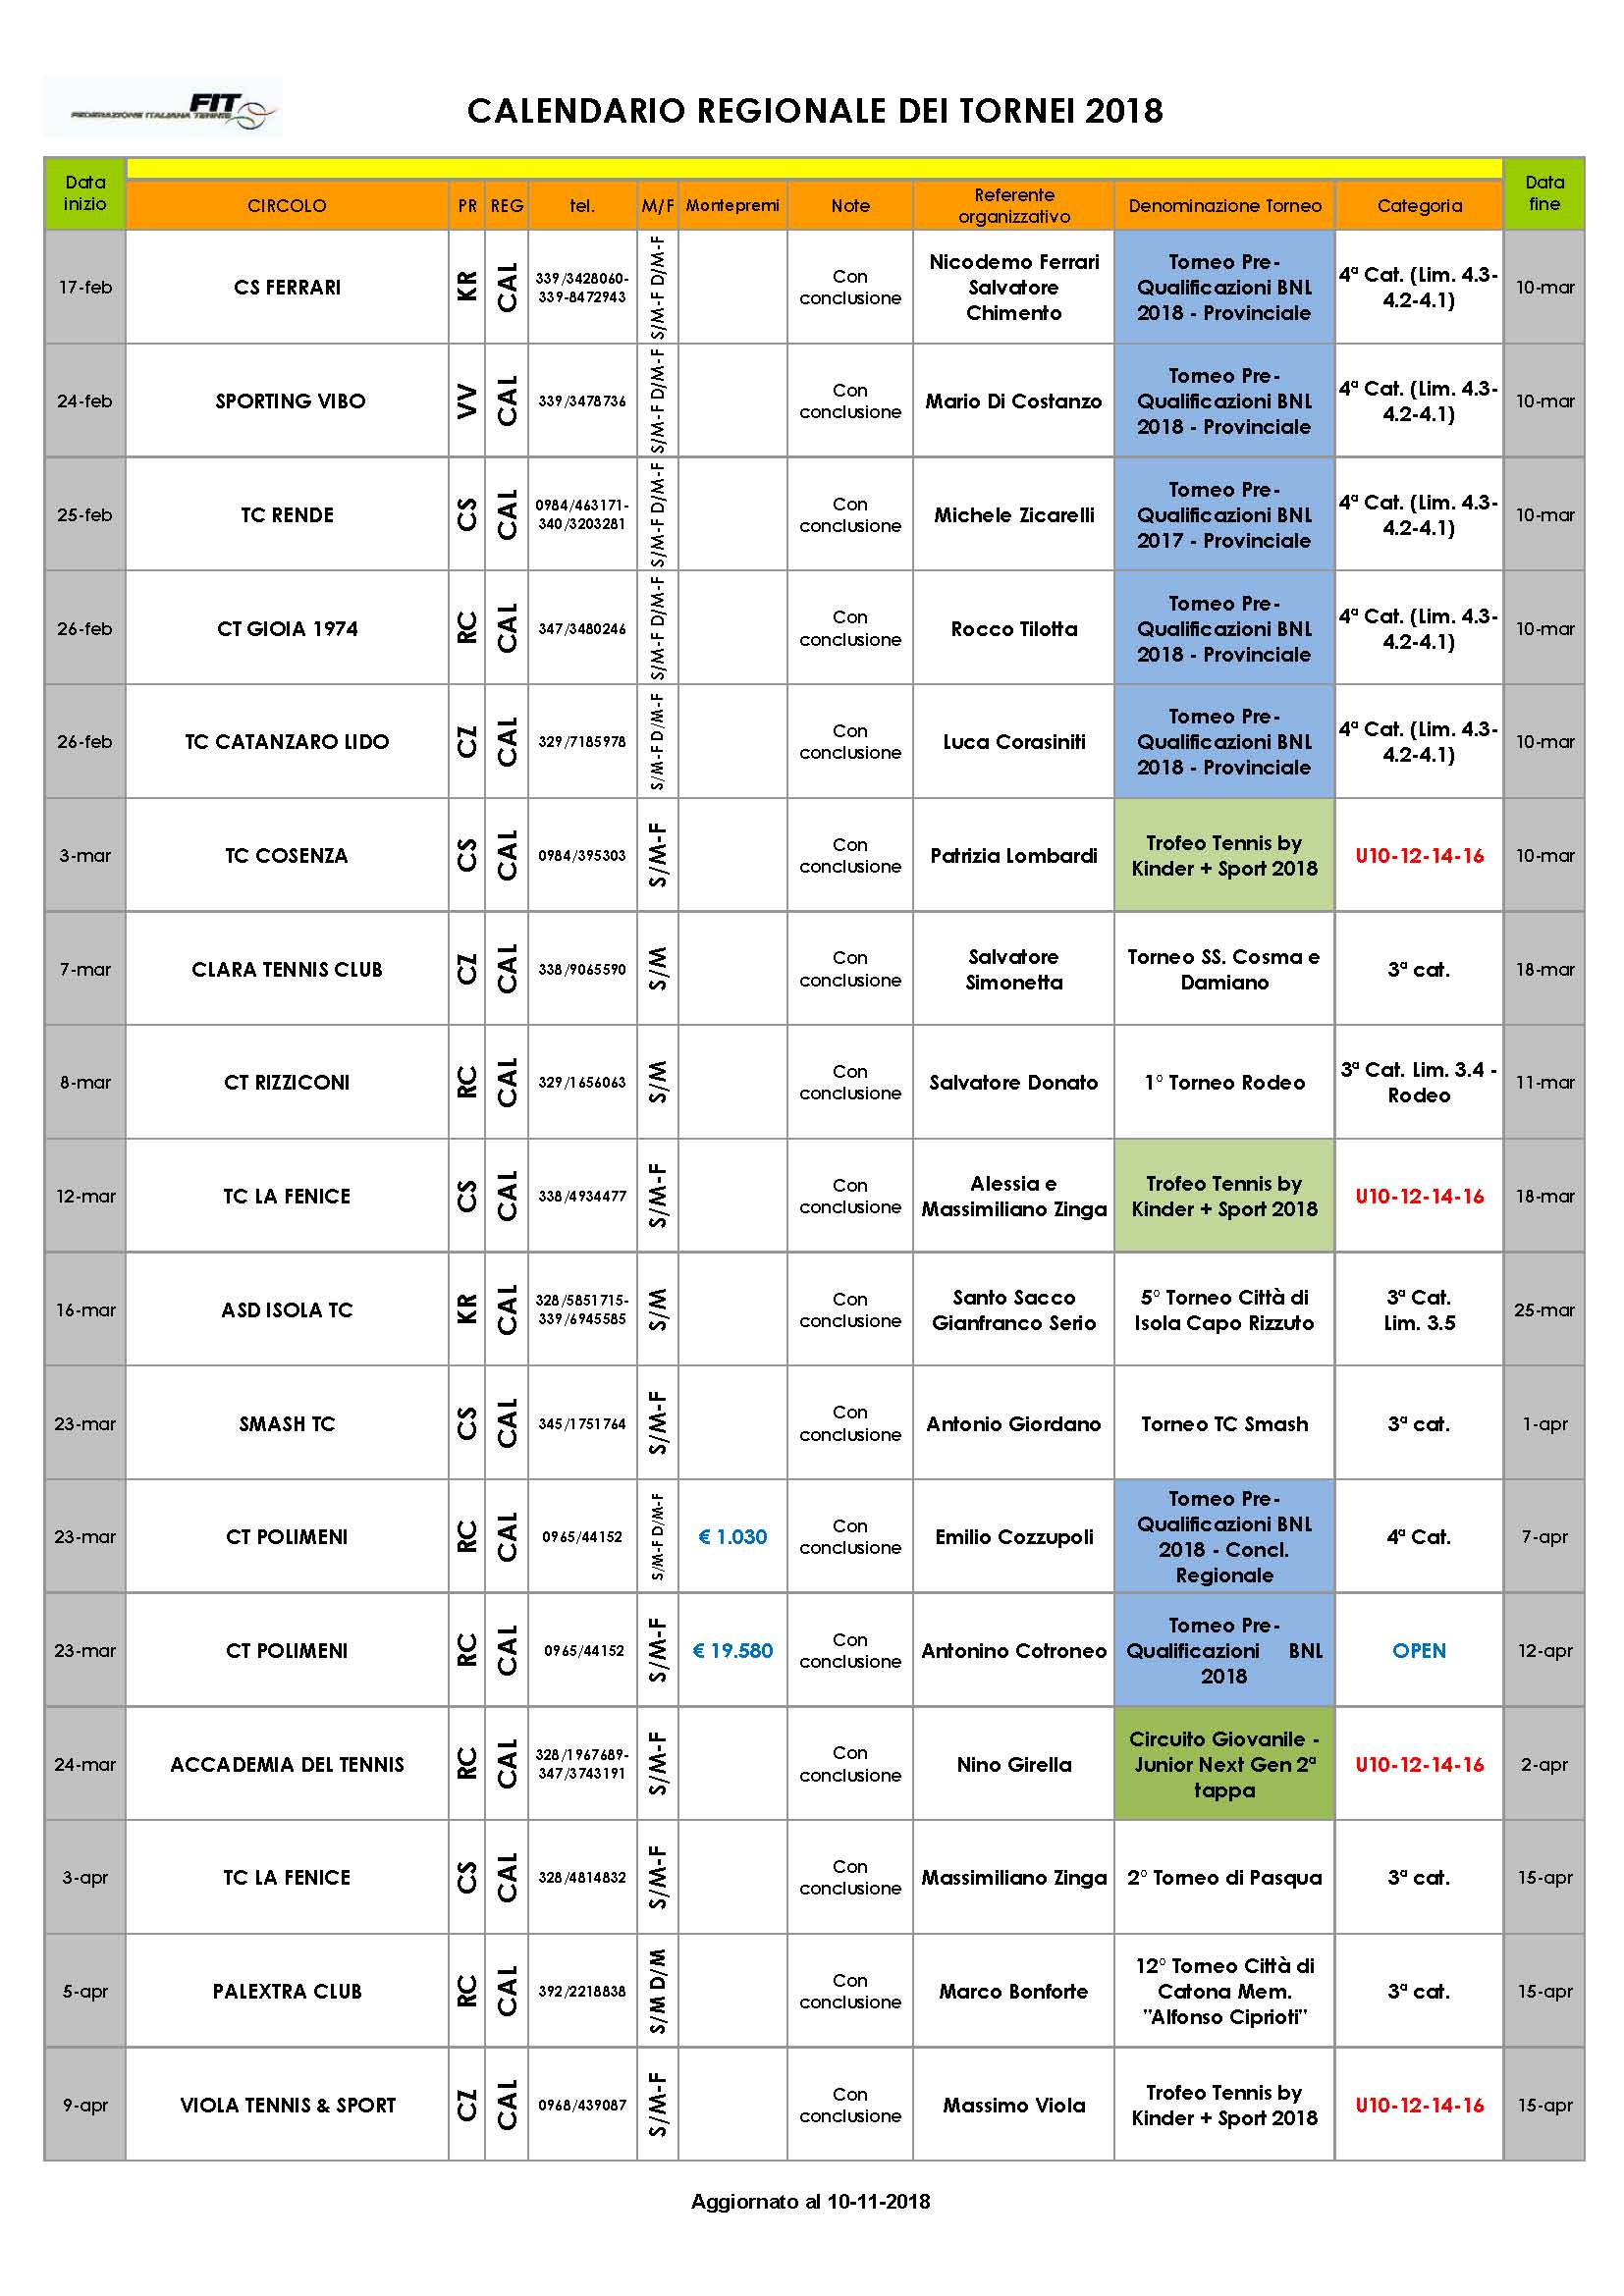 Trofeotennis It Calendario Tornei.Trofeotennisit Calendario Tornei